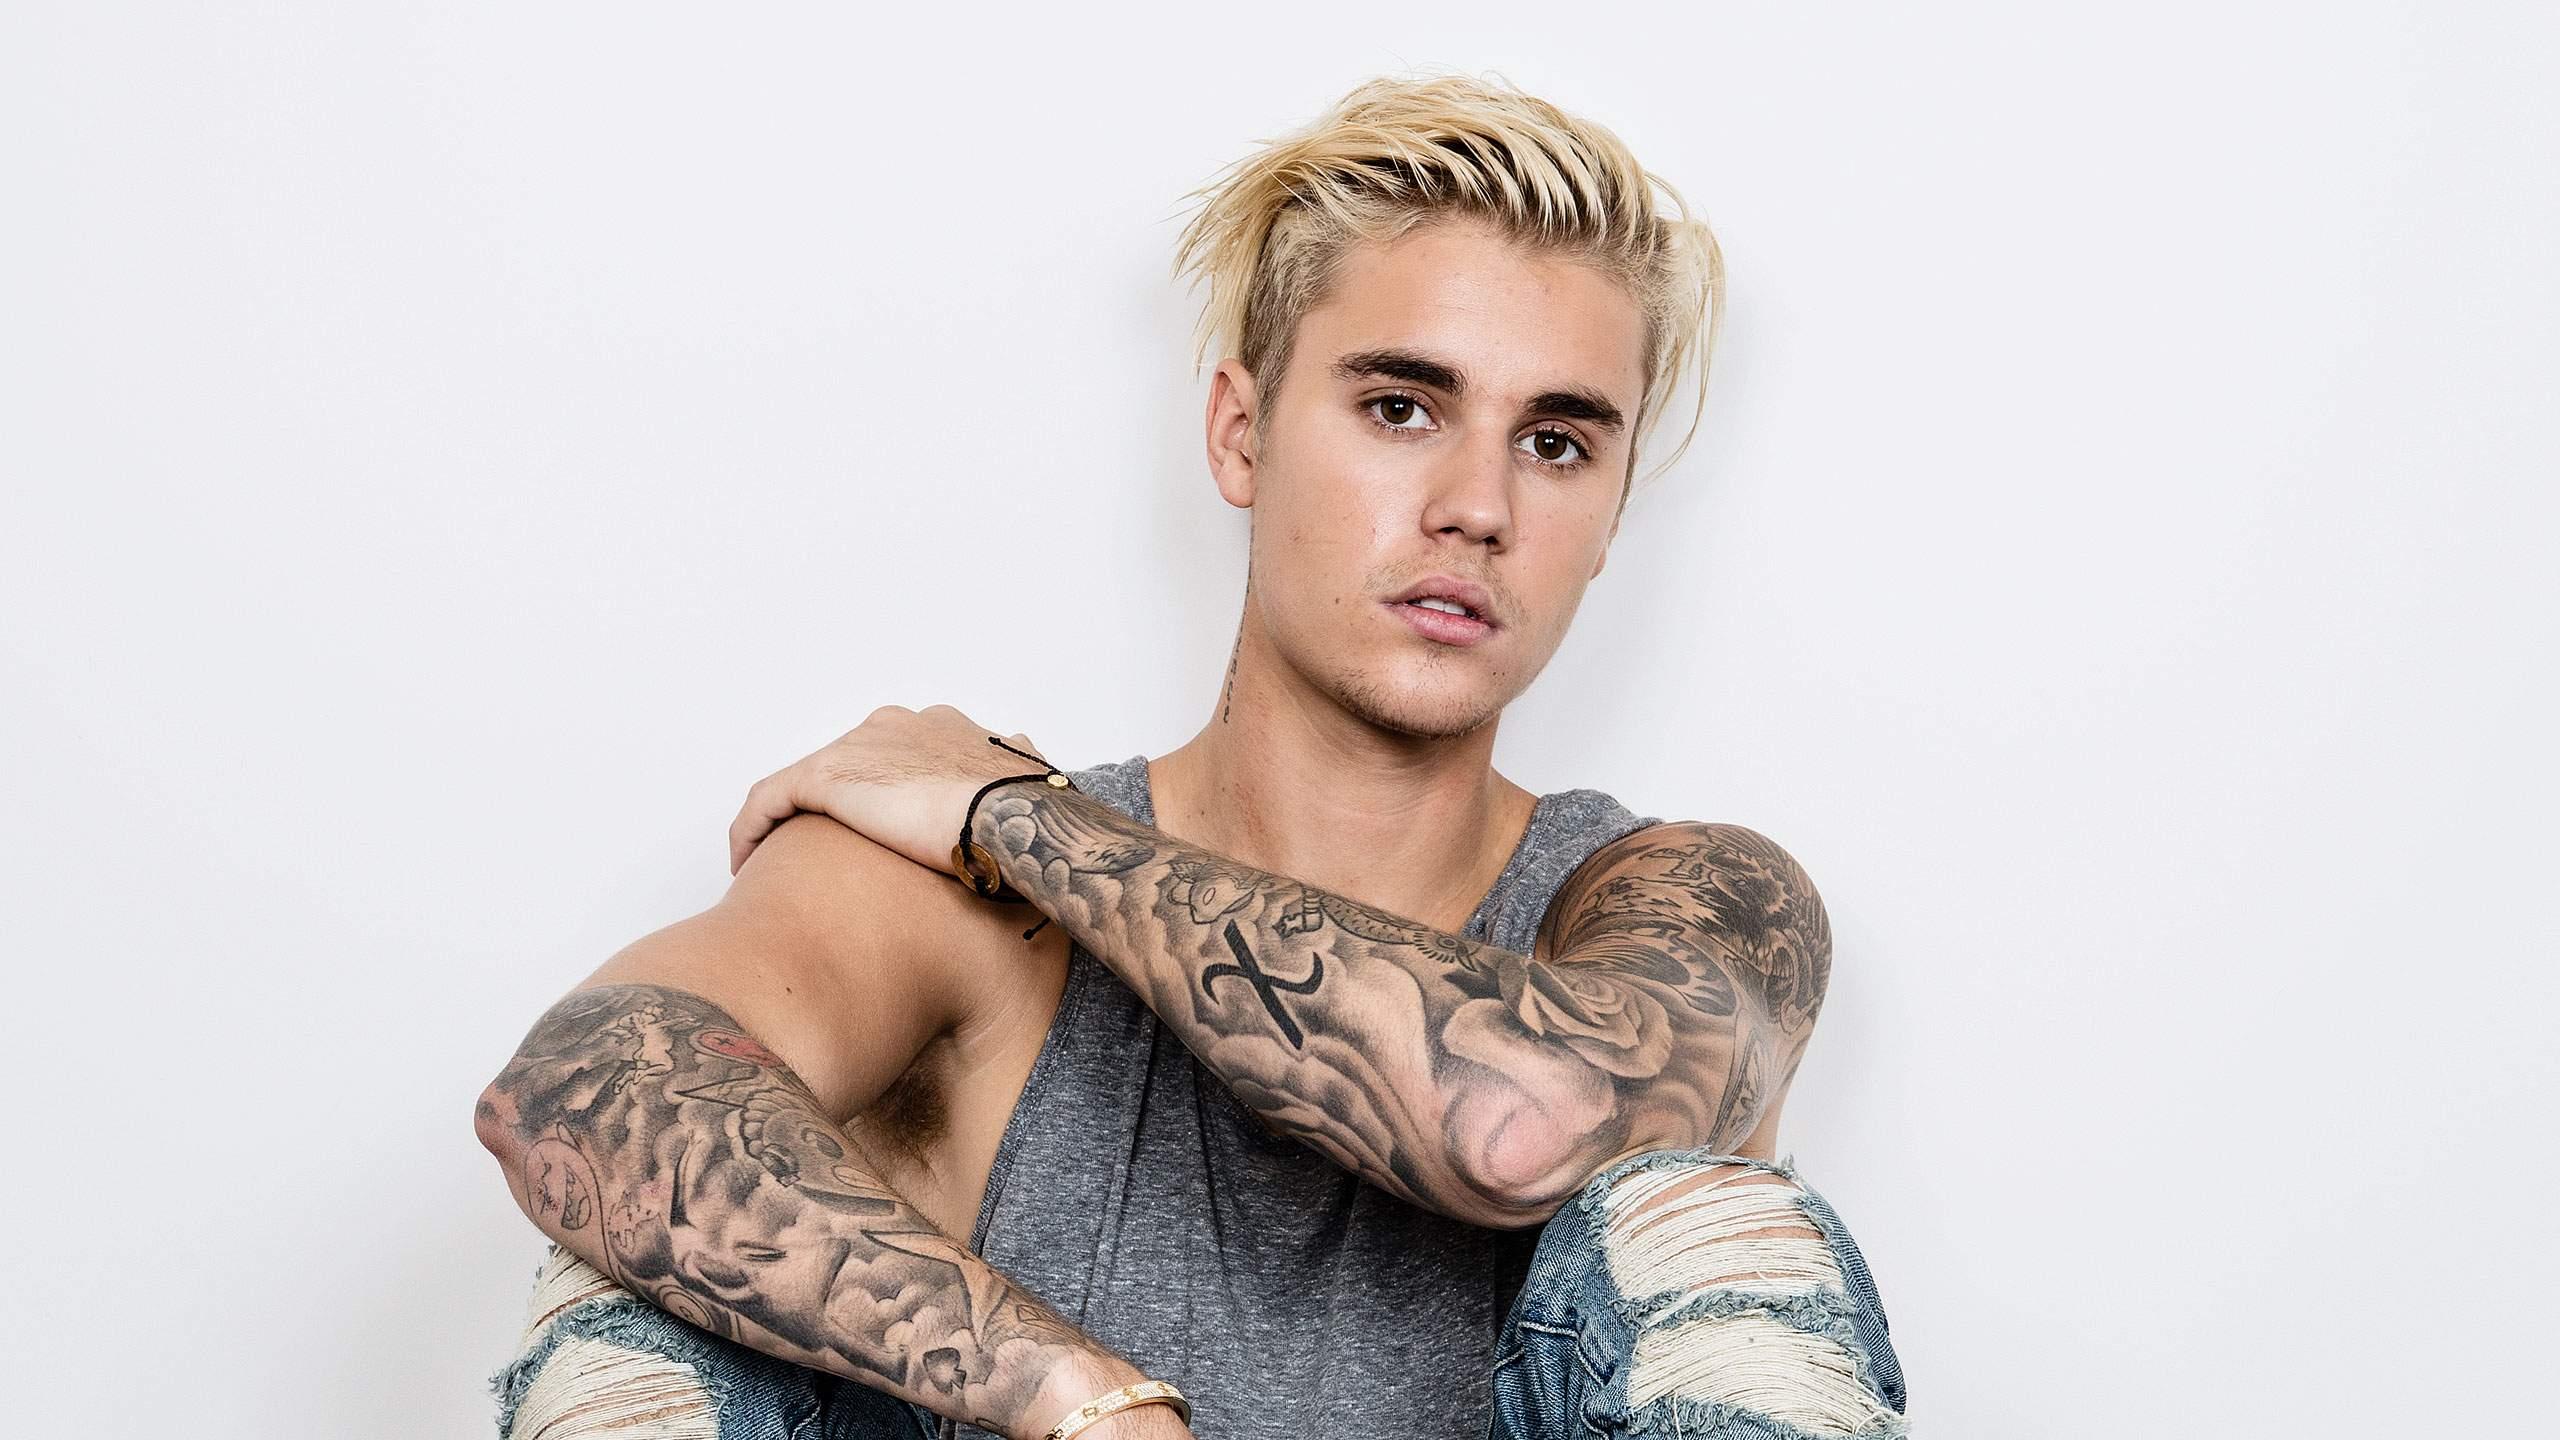 Justin Bieber suspendió su gira mundial porque va a dedicar su vida a Cristo